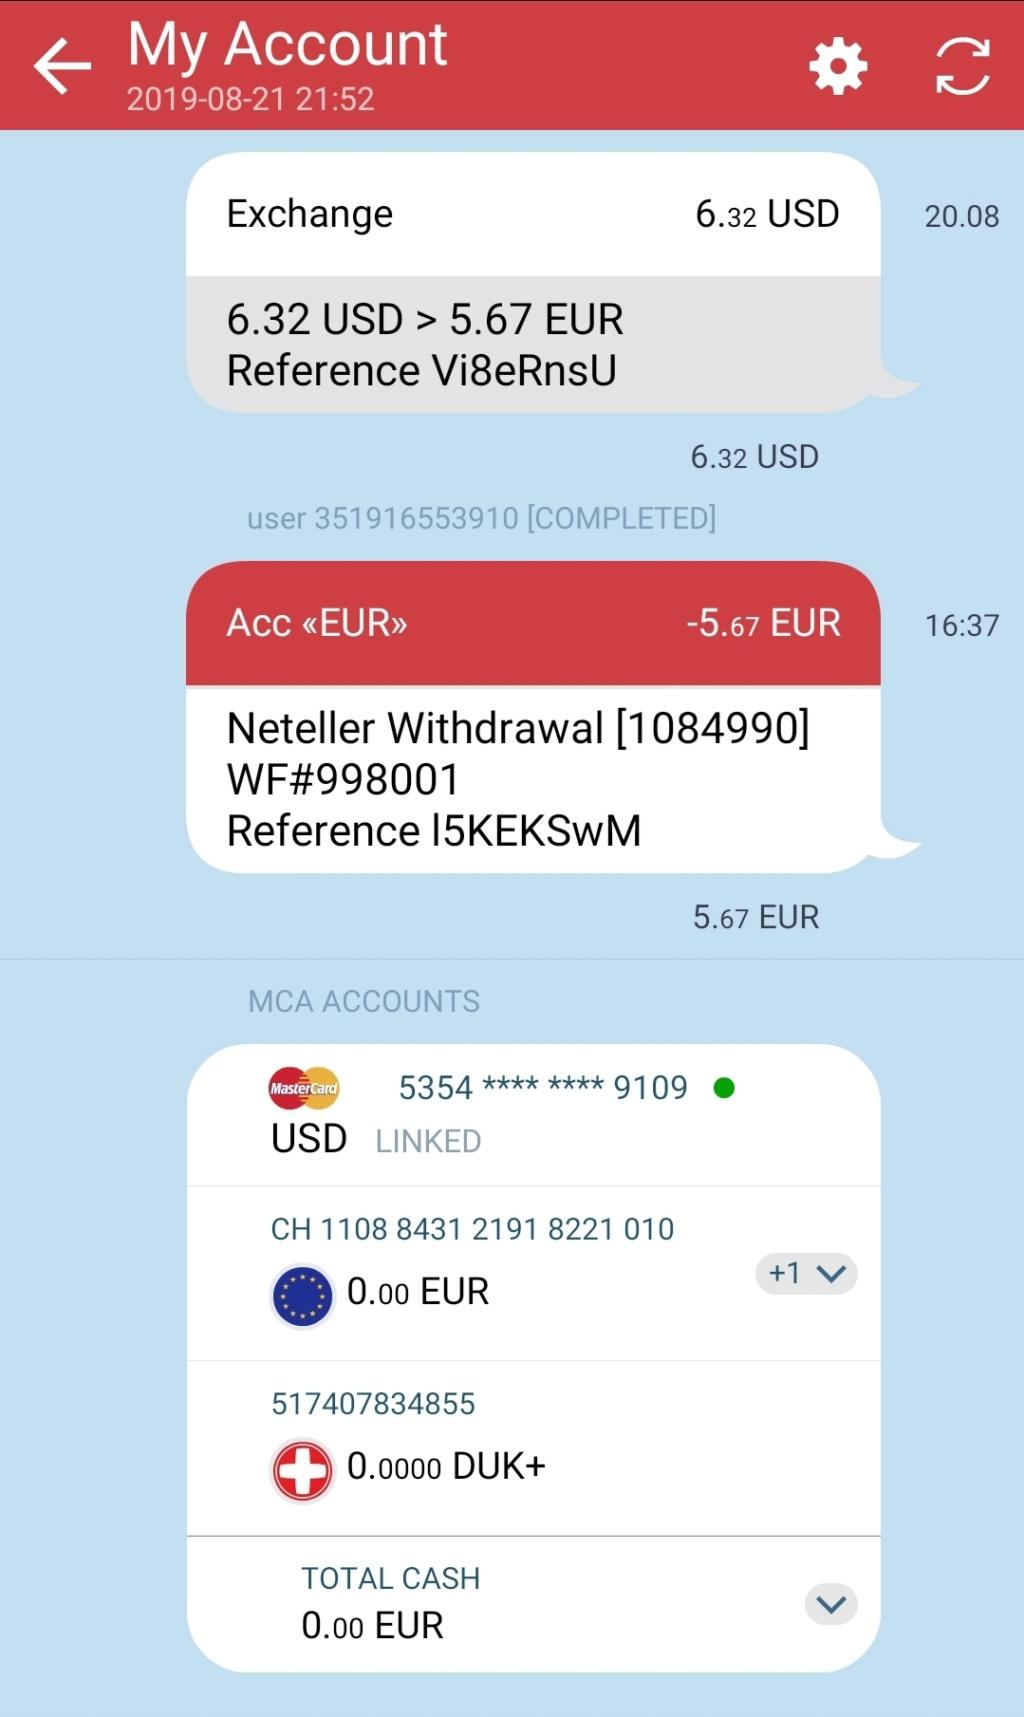 Oportunidade [Provado] Dukascopy  Ganha 5 Duskacoins (+-6 euros) por abrir conta em banco suíço (ja ganhei cerca de 21 euros)  Screen51